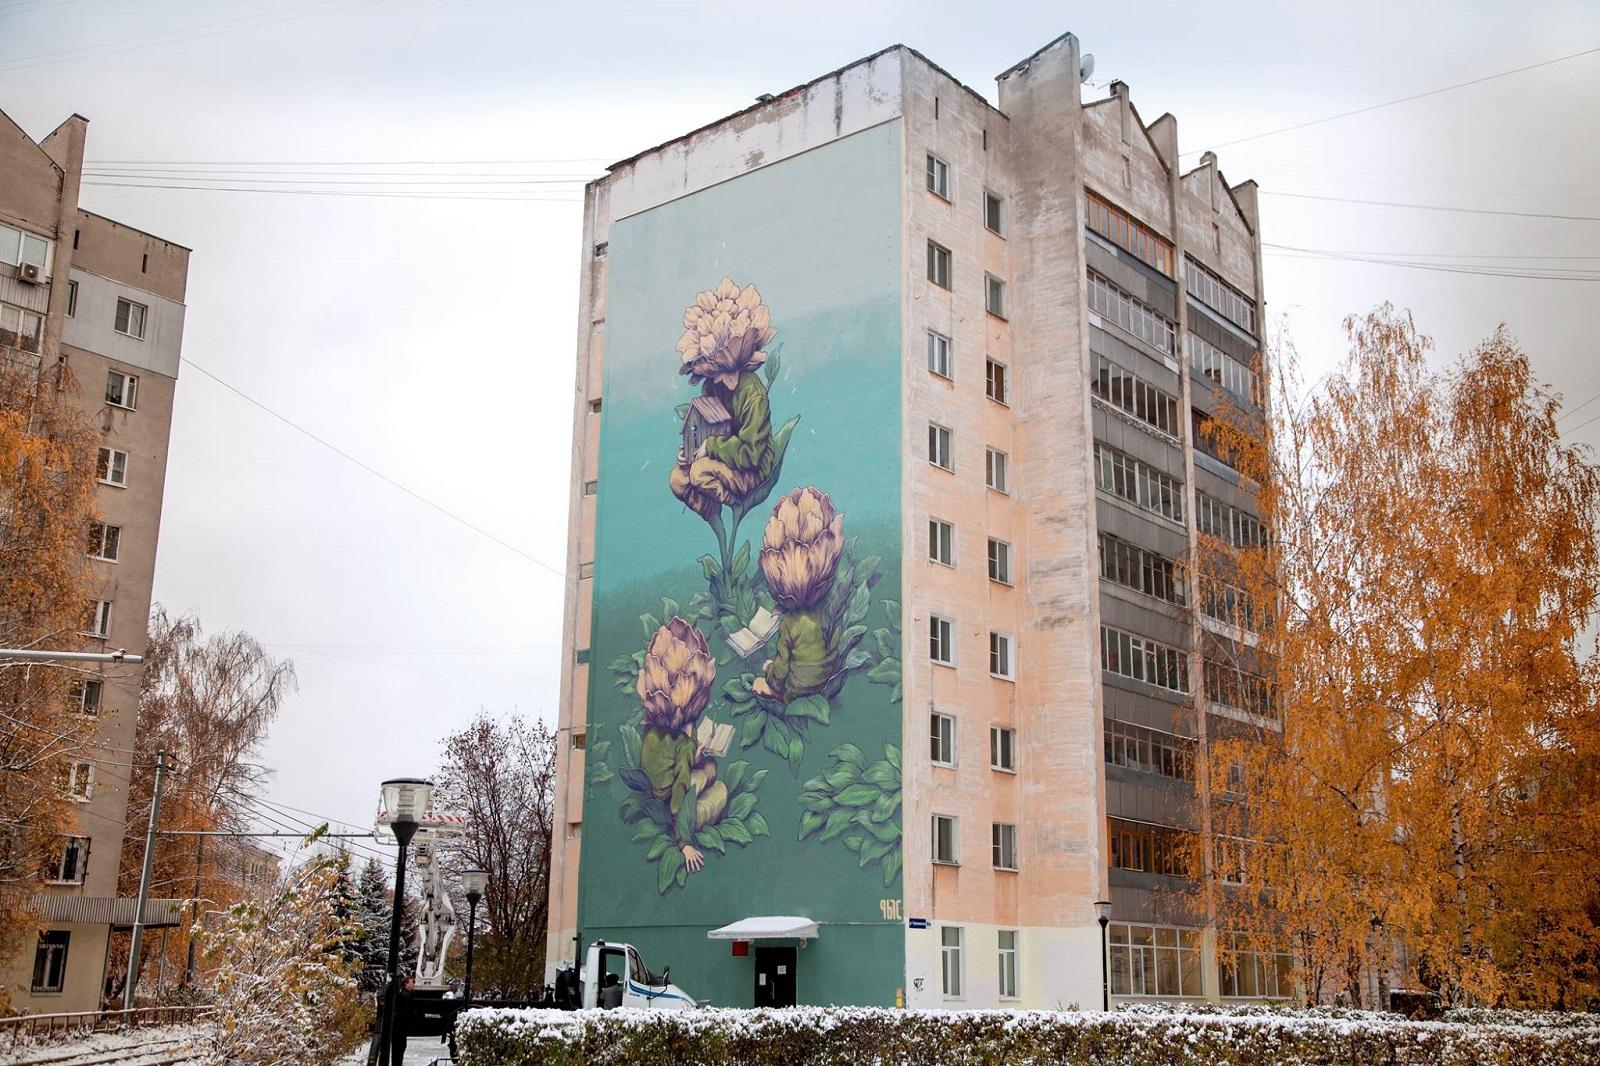 rustam-qbic-new-mural-in-nizhniy-novgorod-00